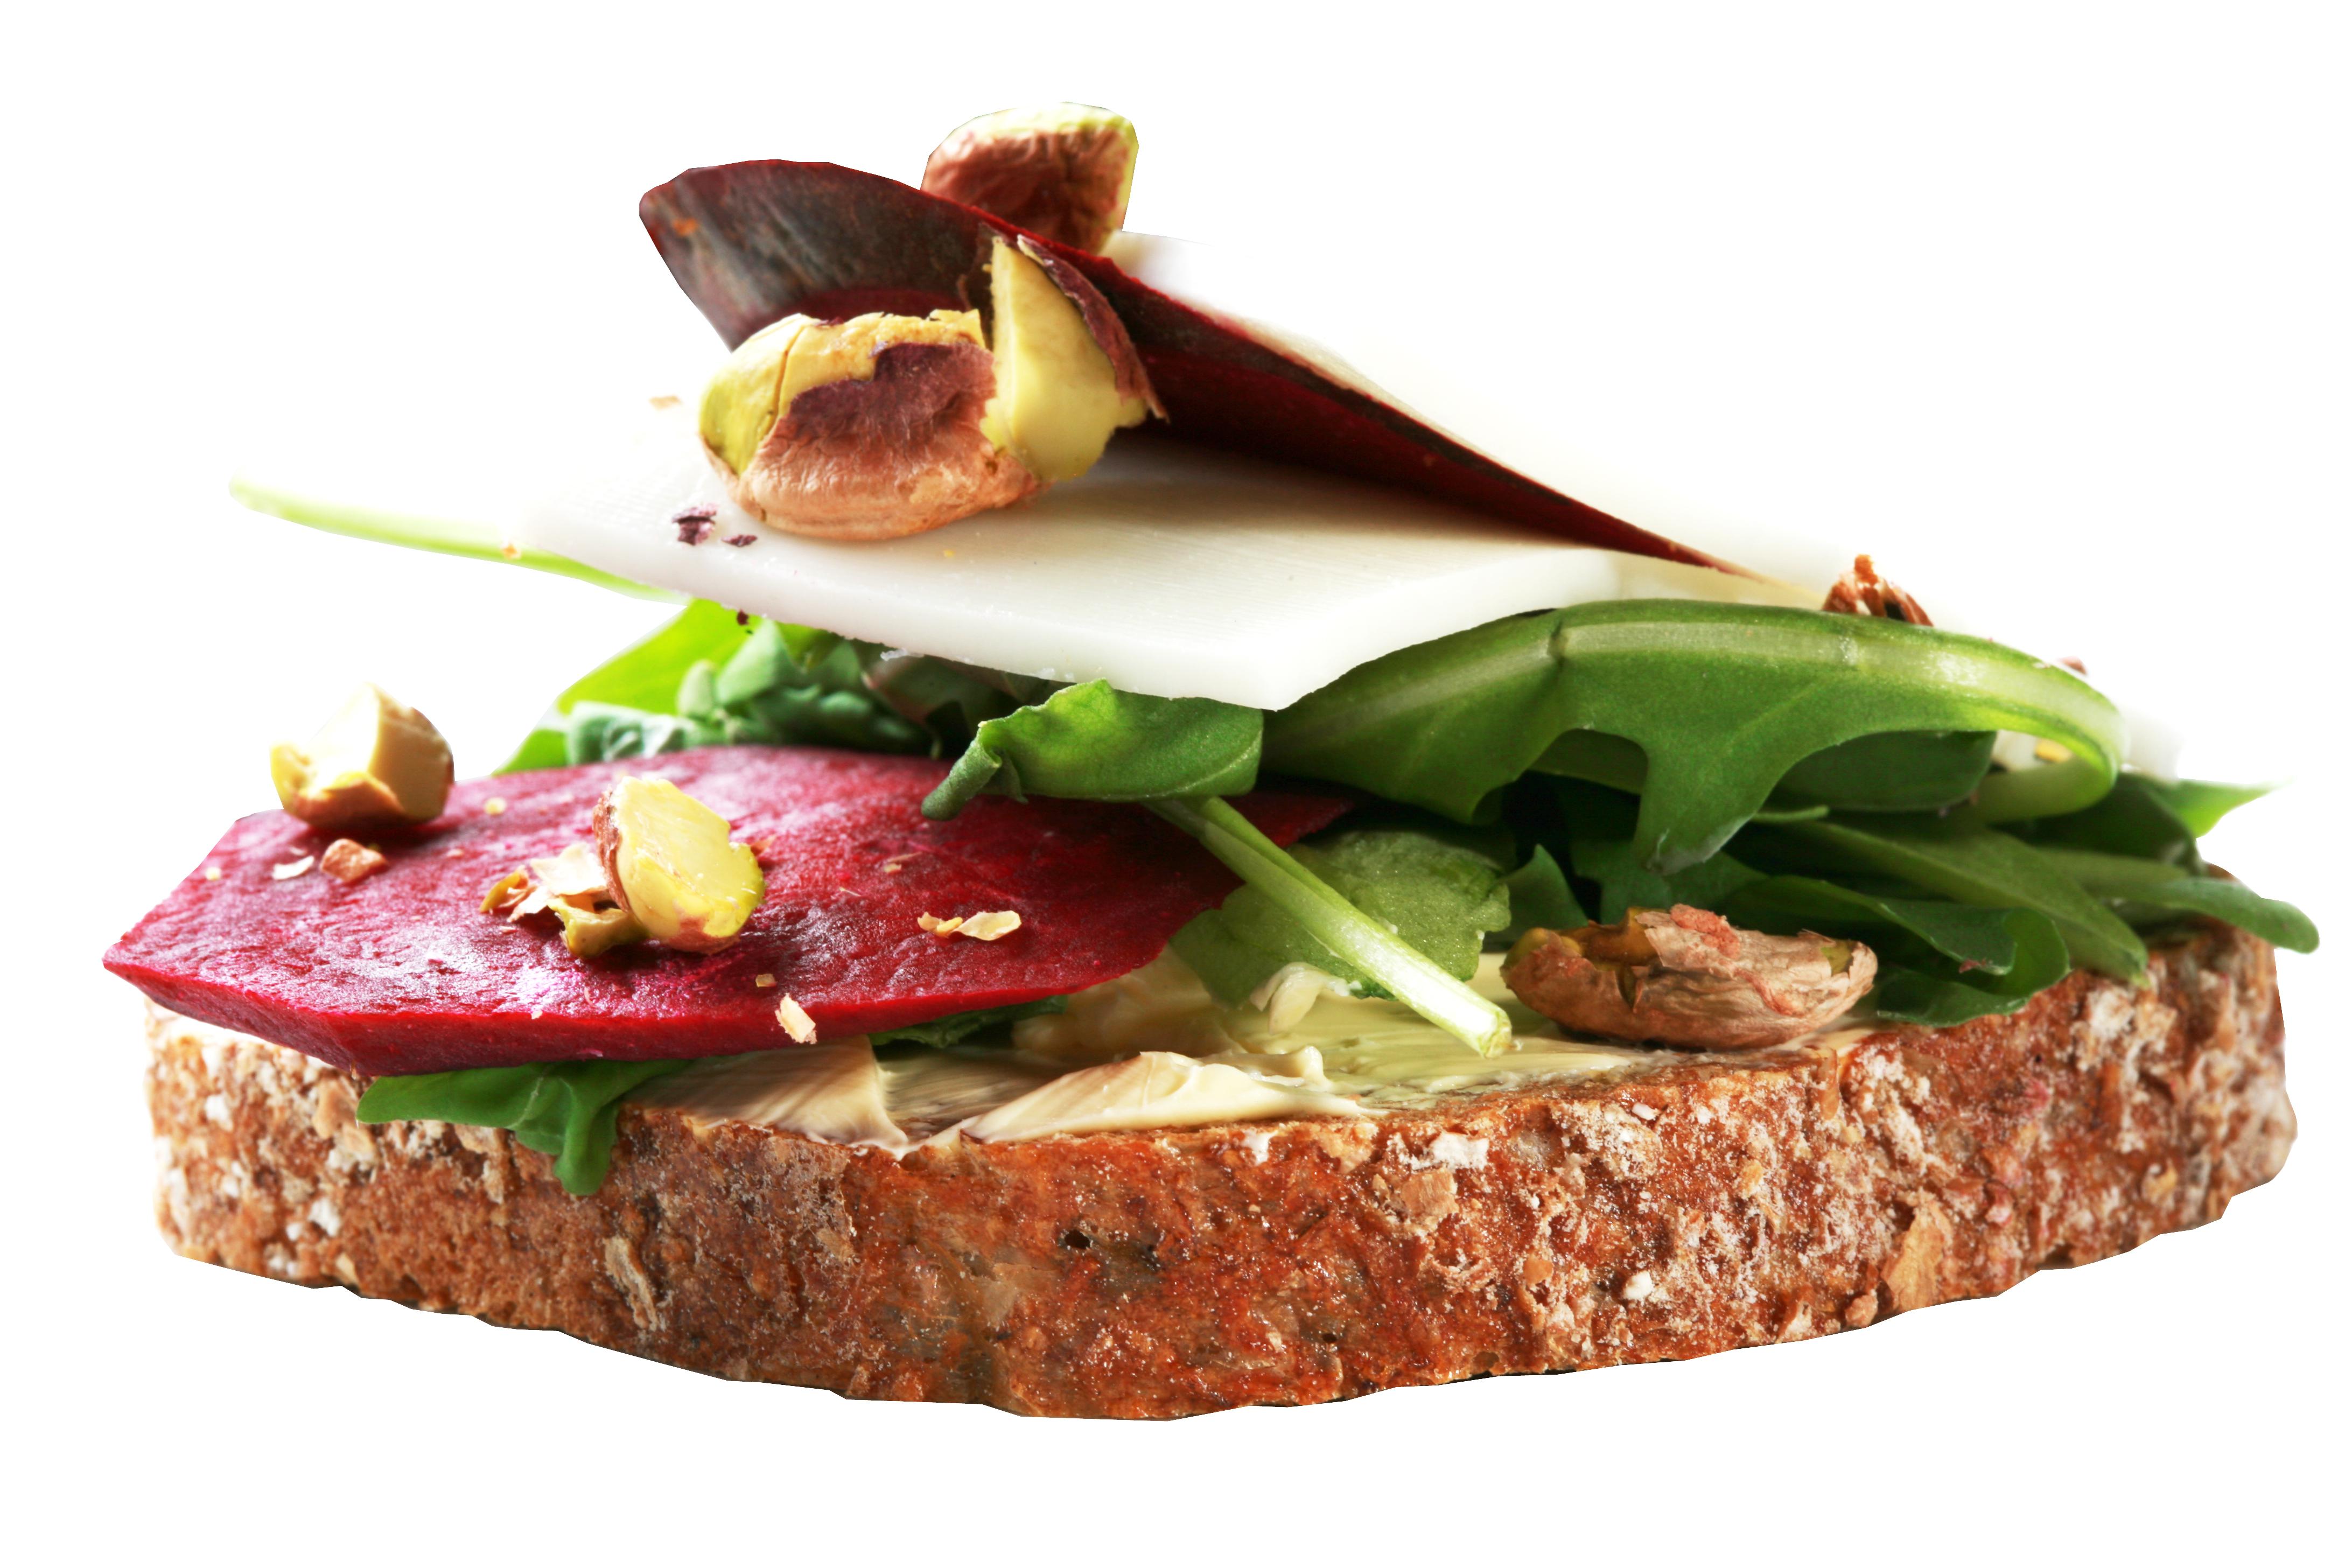 Kanapka z serkiem kozim, pieczonym burakiem, rukolą i pistacjami